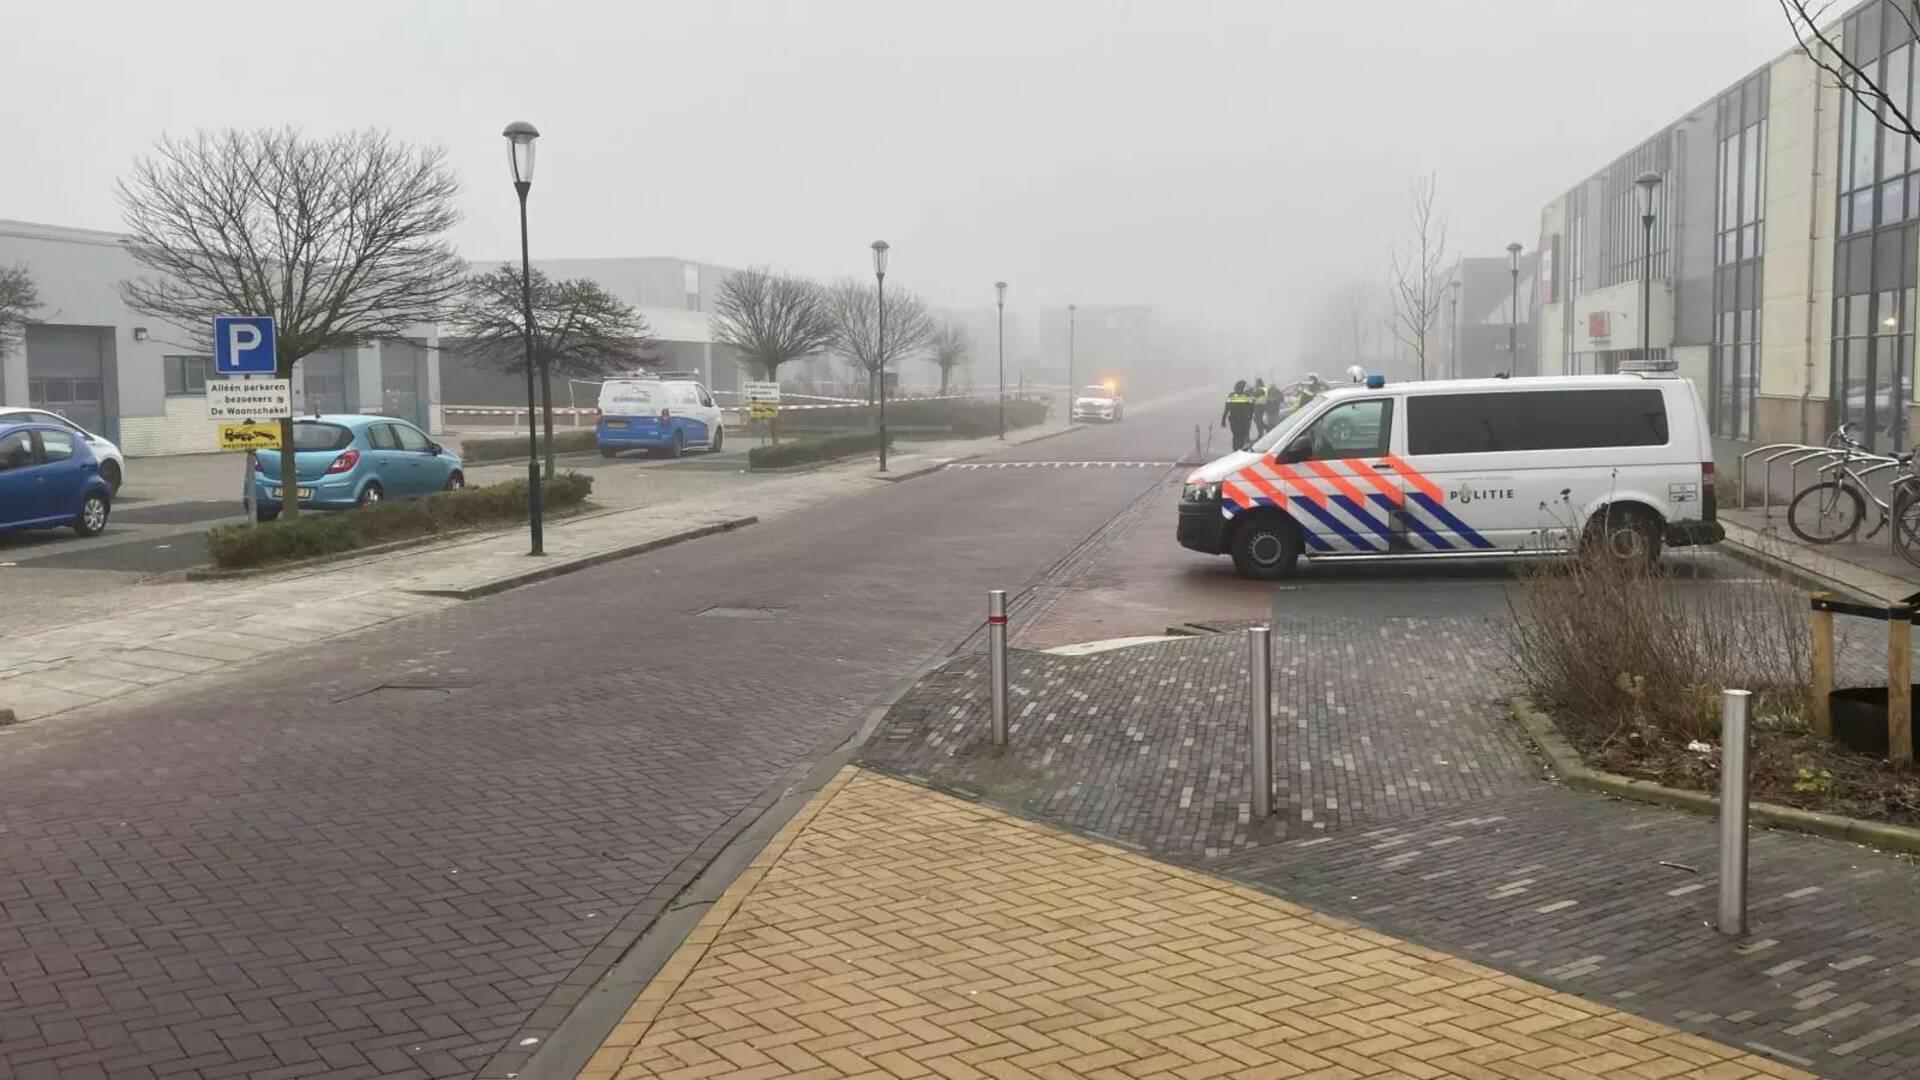 انفجار في GGD Bovenkarspel